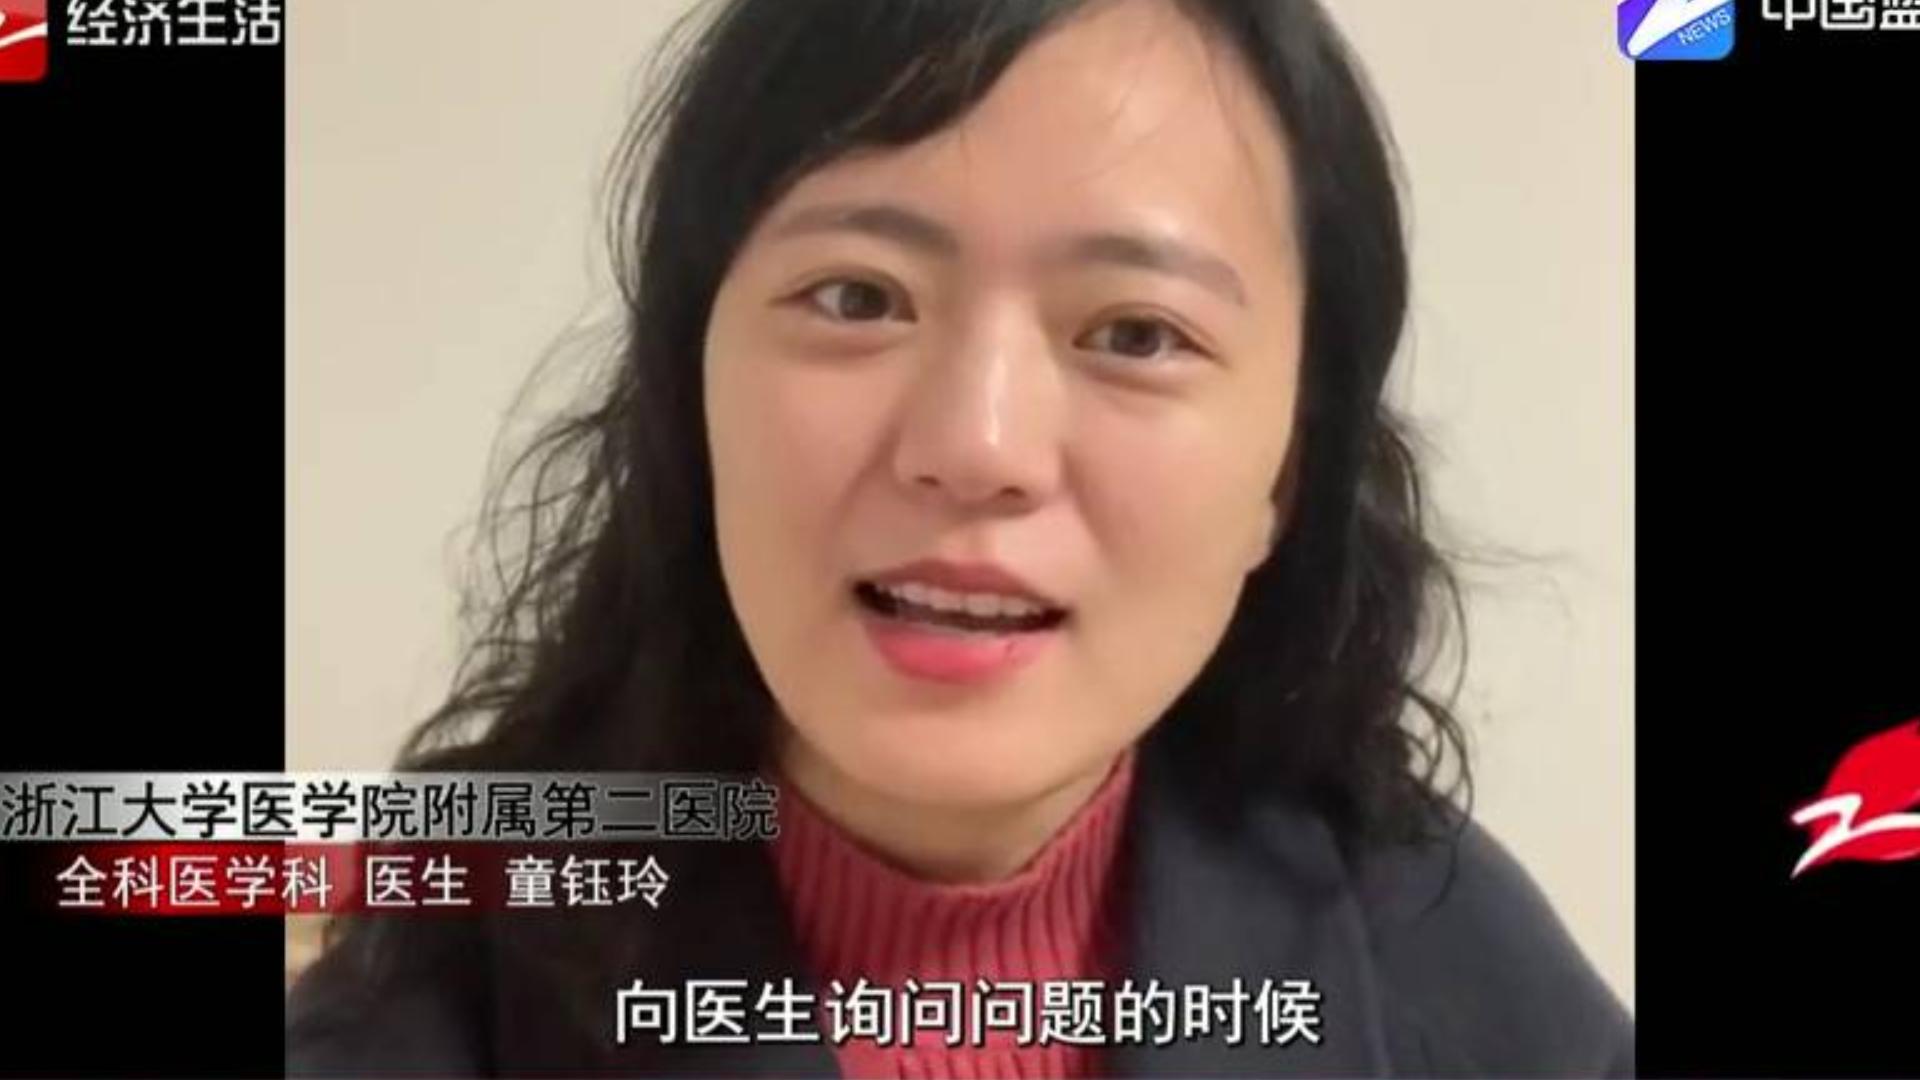 抗击疫情 众志成城——女医生怀孕3月坚持在家网上义诊 丈夫说全力做好后勤保障